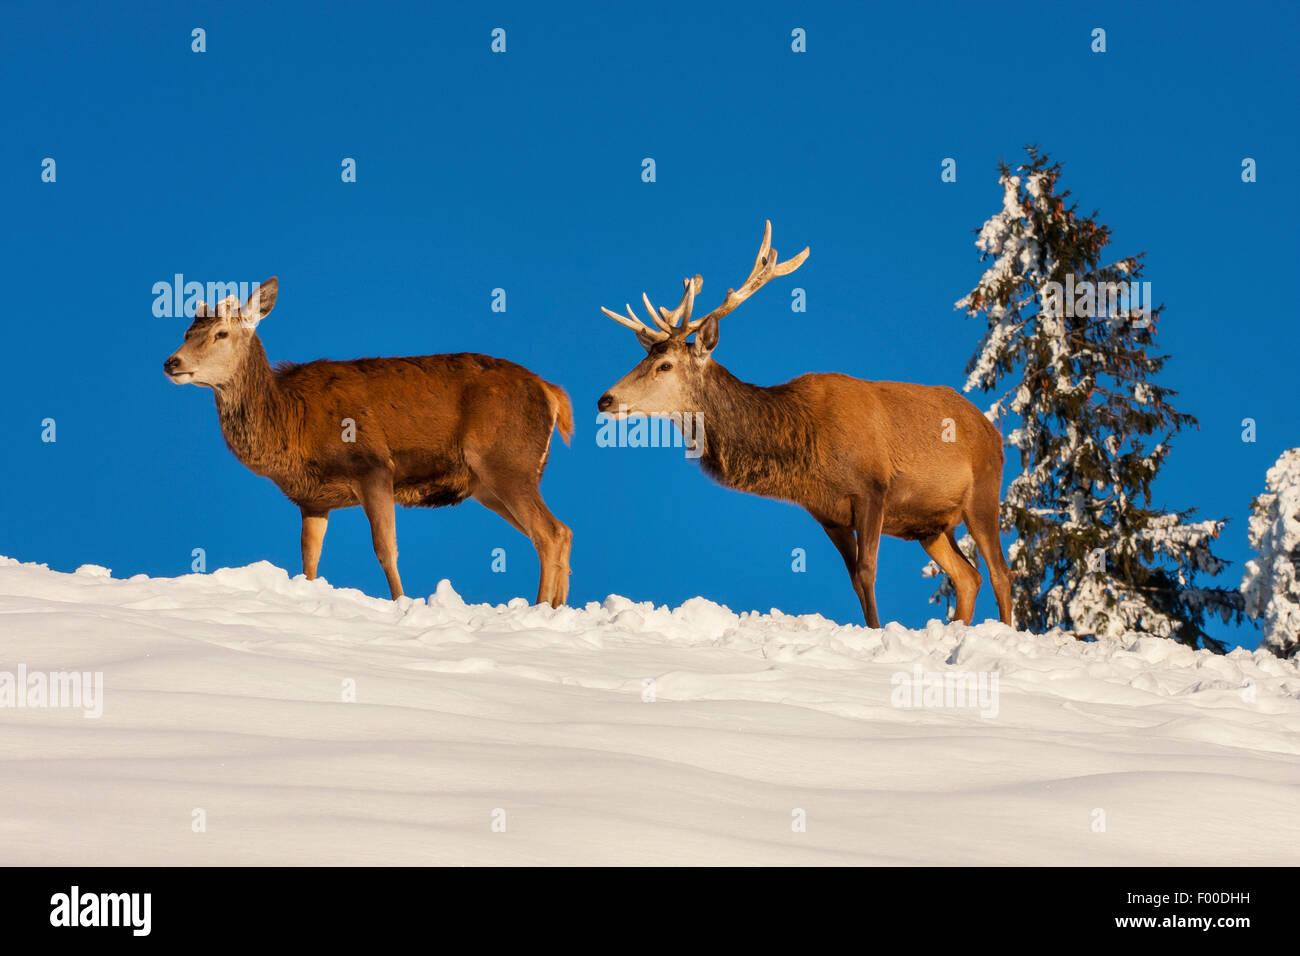 red deer (Cervus elaphus), two red deers in snowy landscape, Switzerland, Sankt Gallen - Stock Image